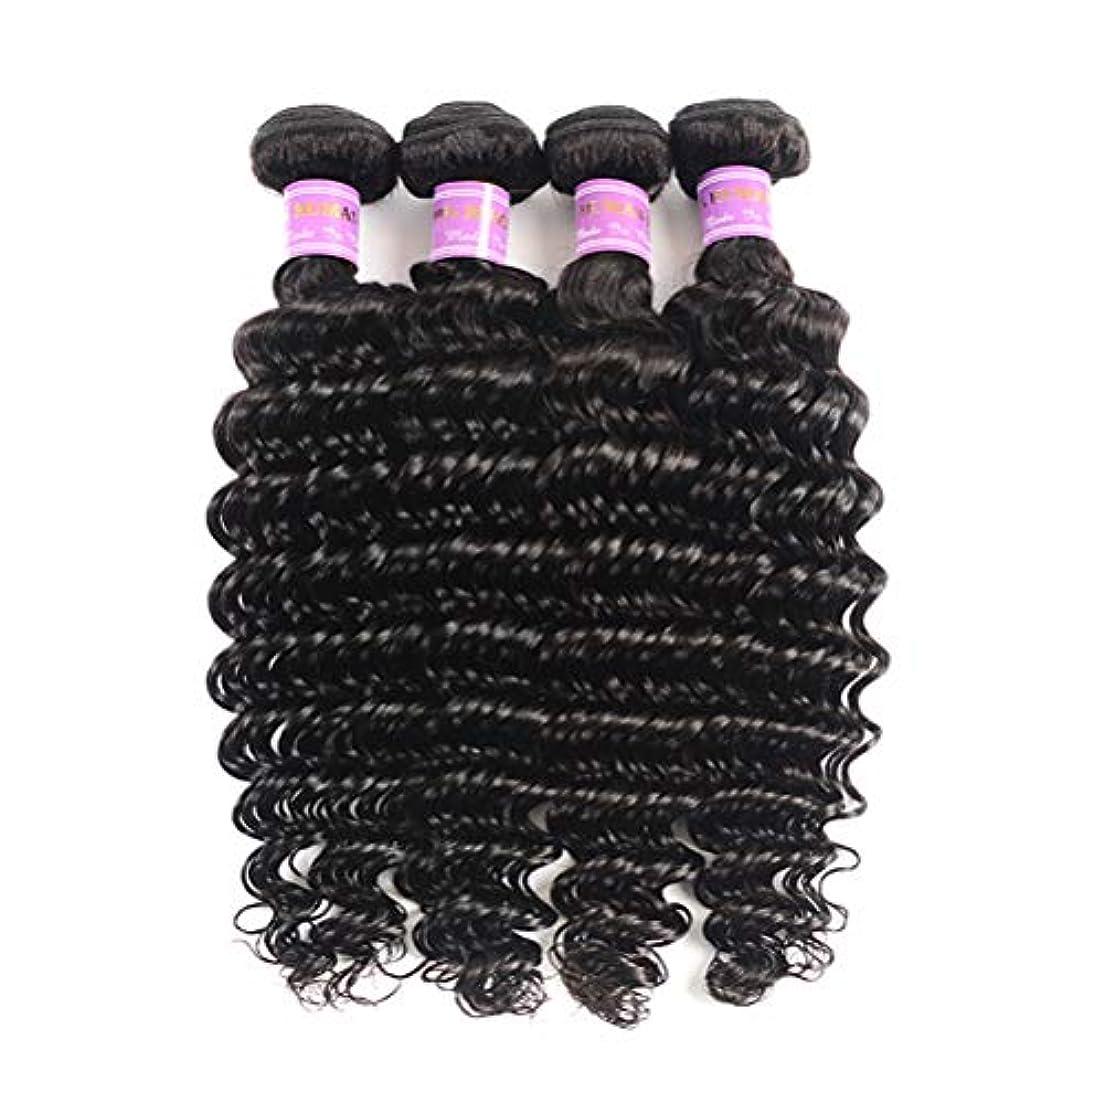 パノラマ失望ホーン女性未処理のブラジルの深い巻き毛の束本物の人間の髪の束ヴァージンブラジルの髪の束1pc / pack髪織り(100 +/- 5g)/ pc